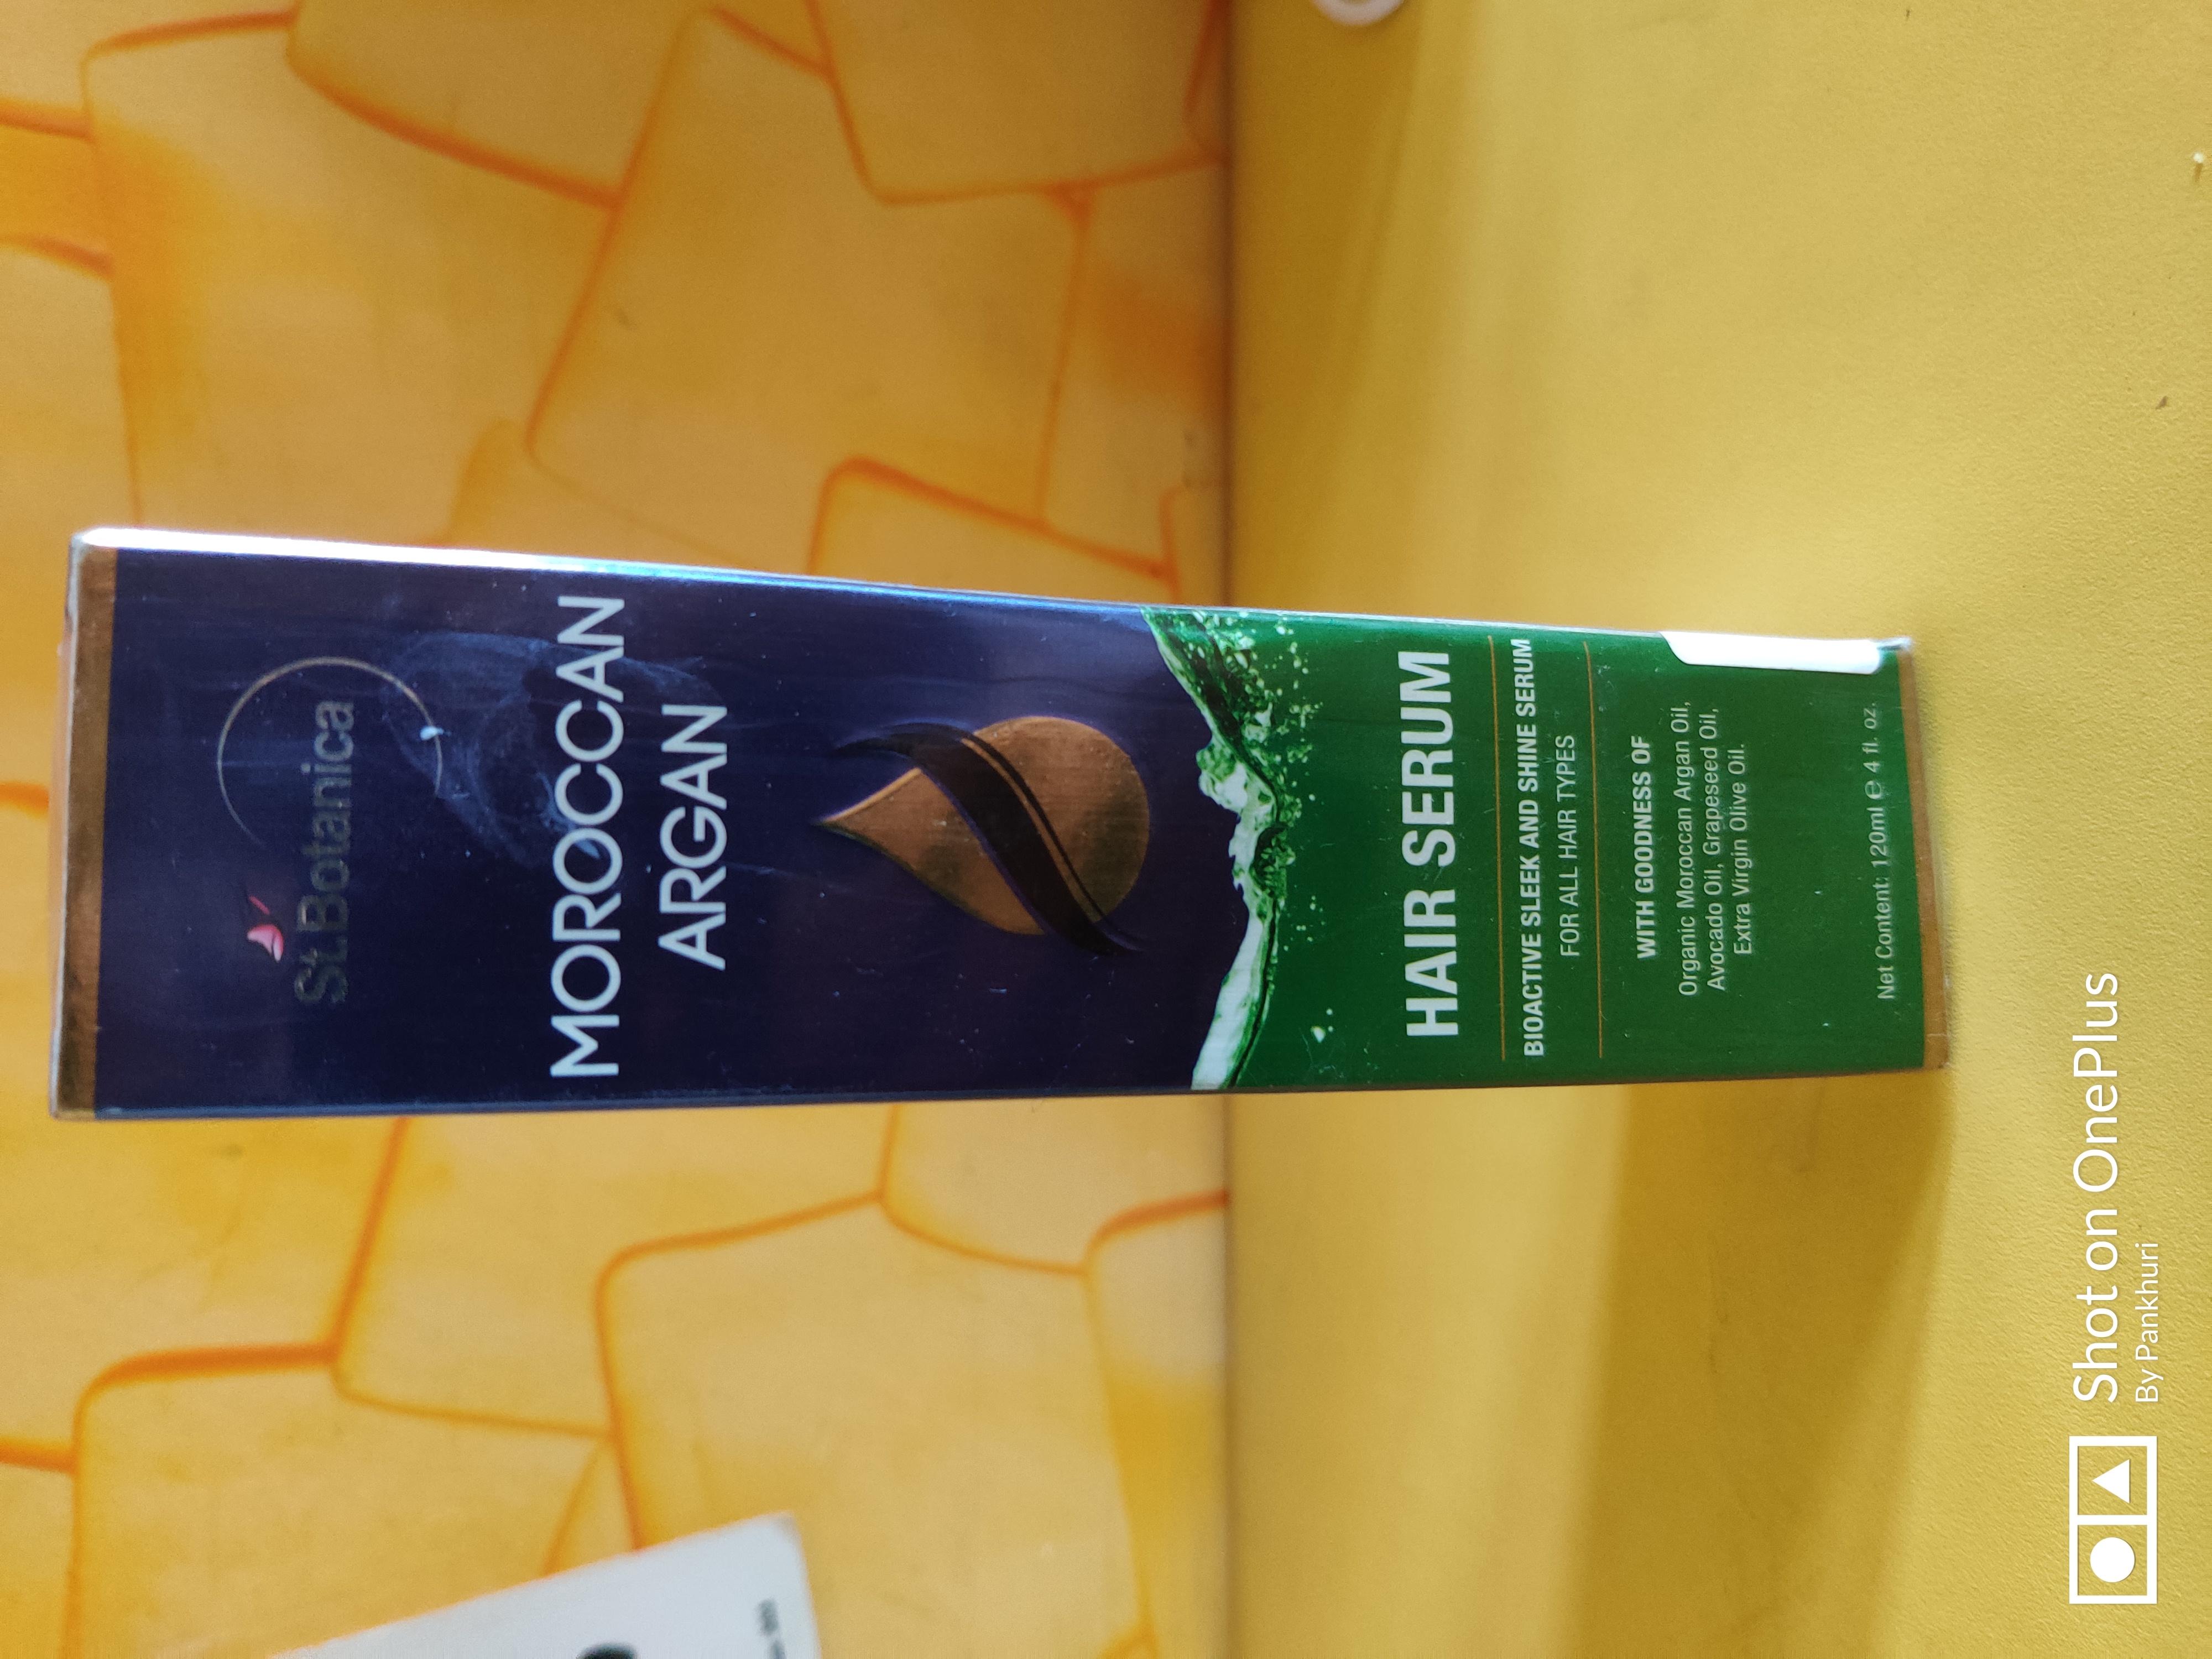 St.Botanica Moroccan Argan Hair Serum pic 2-Good for frizzy hair-By pankhuridhingra